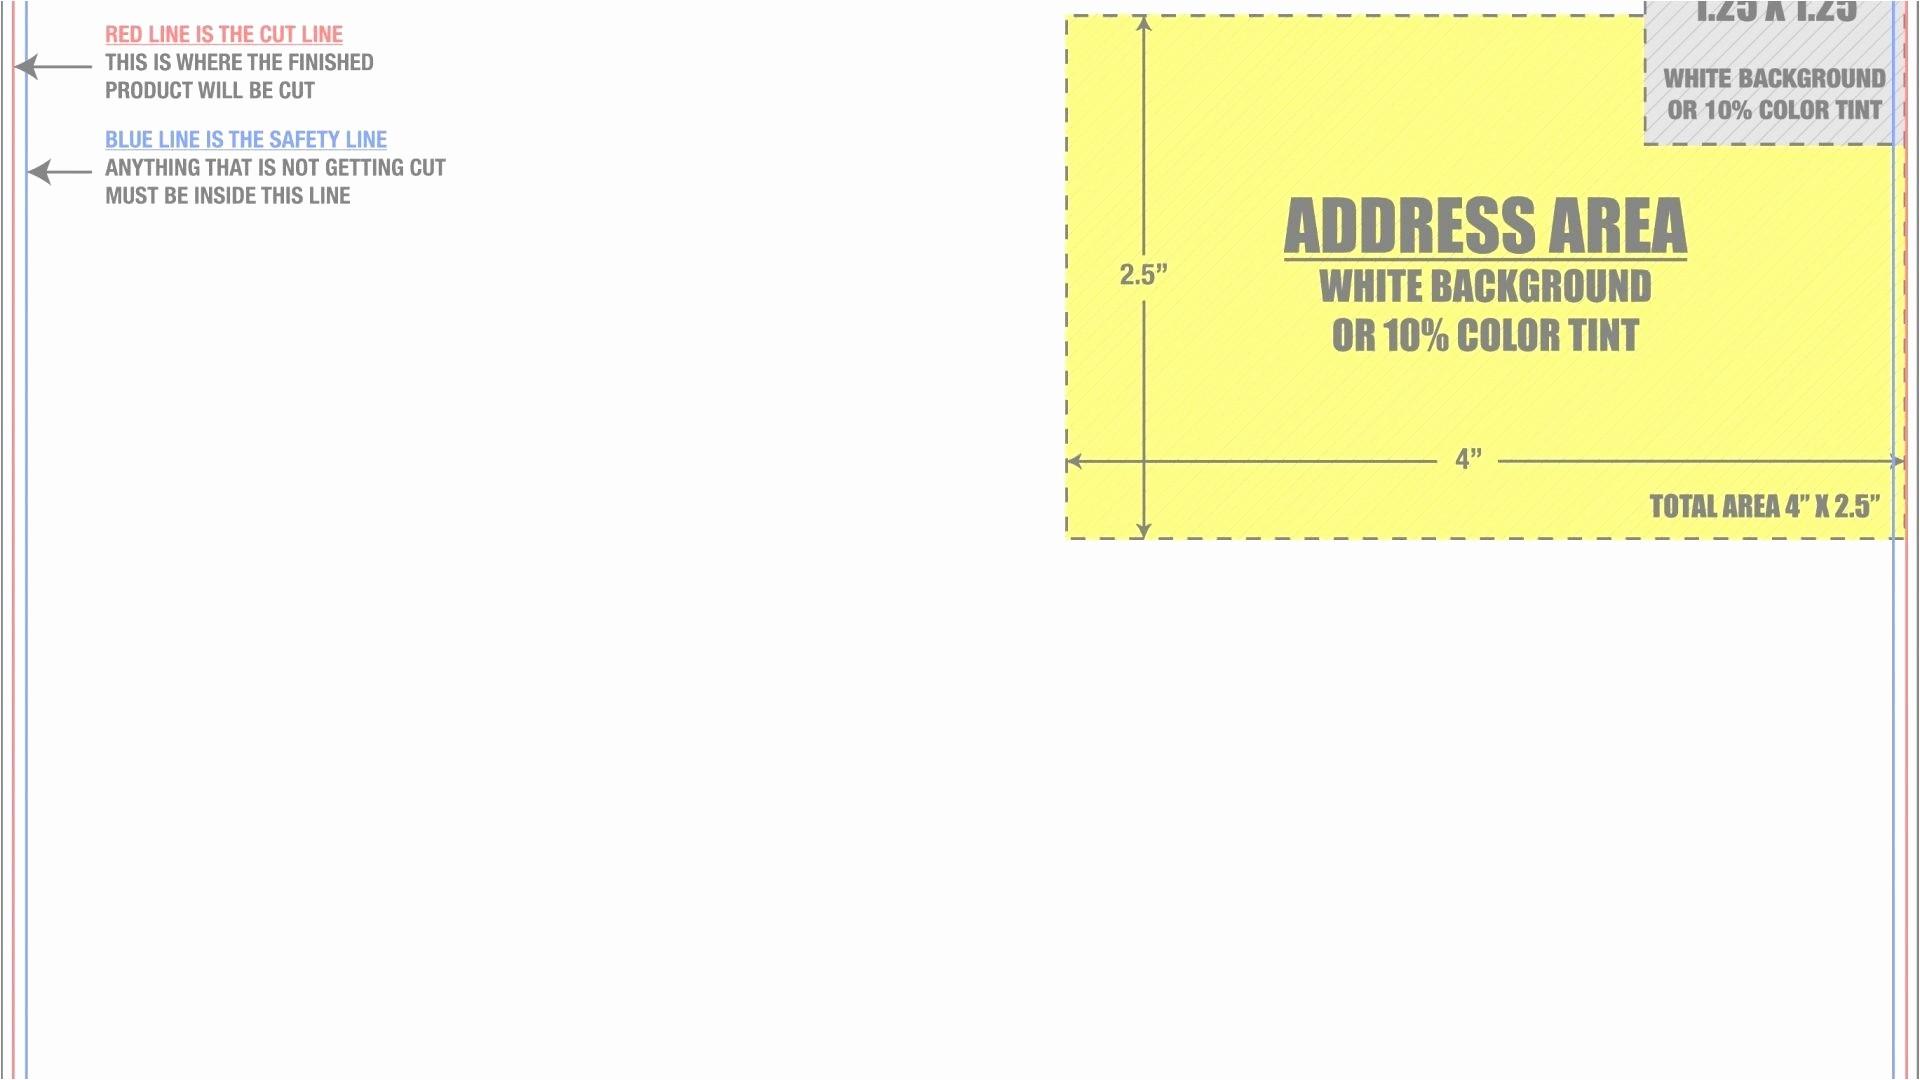 Avery Business Card Template 8859 Beautiful Avery Business Card Template 8859 Template for Avery 8859